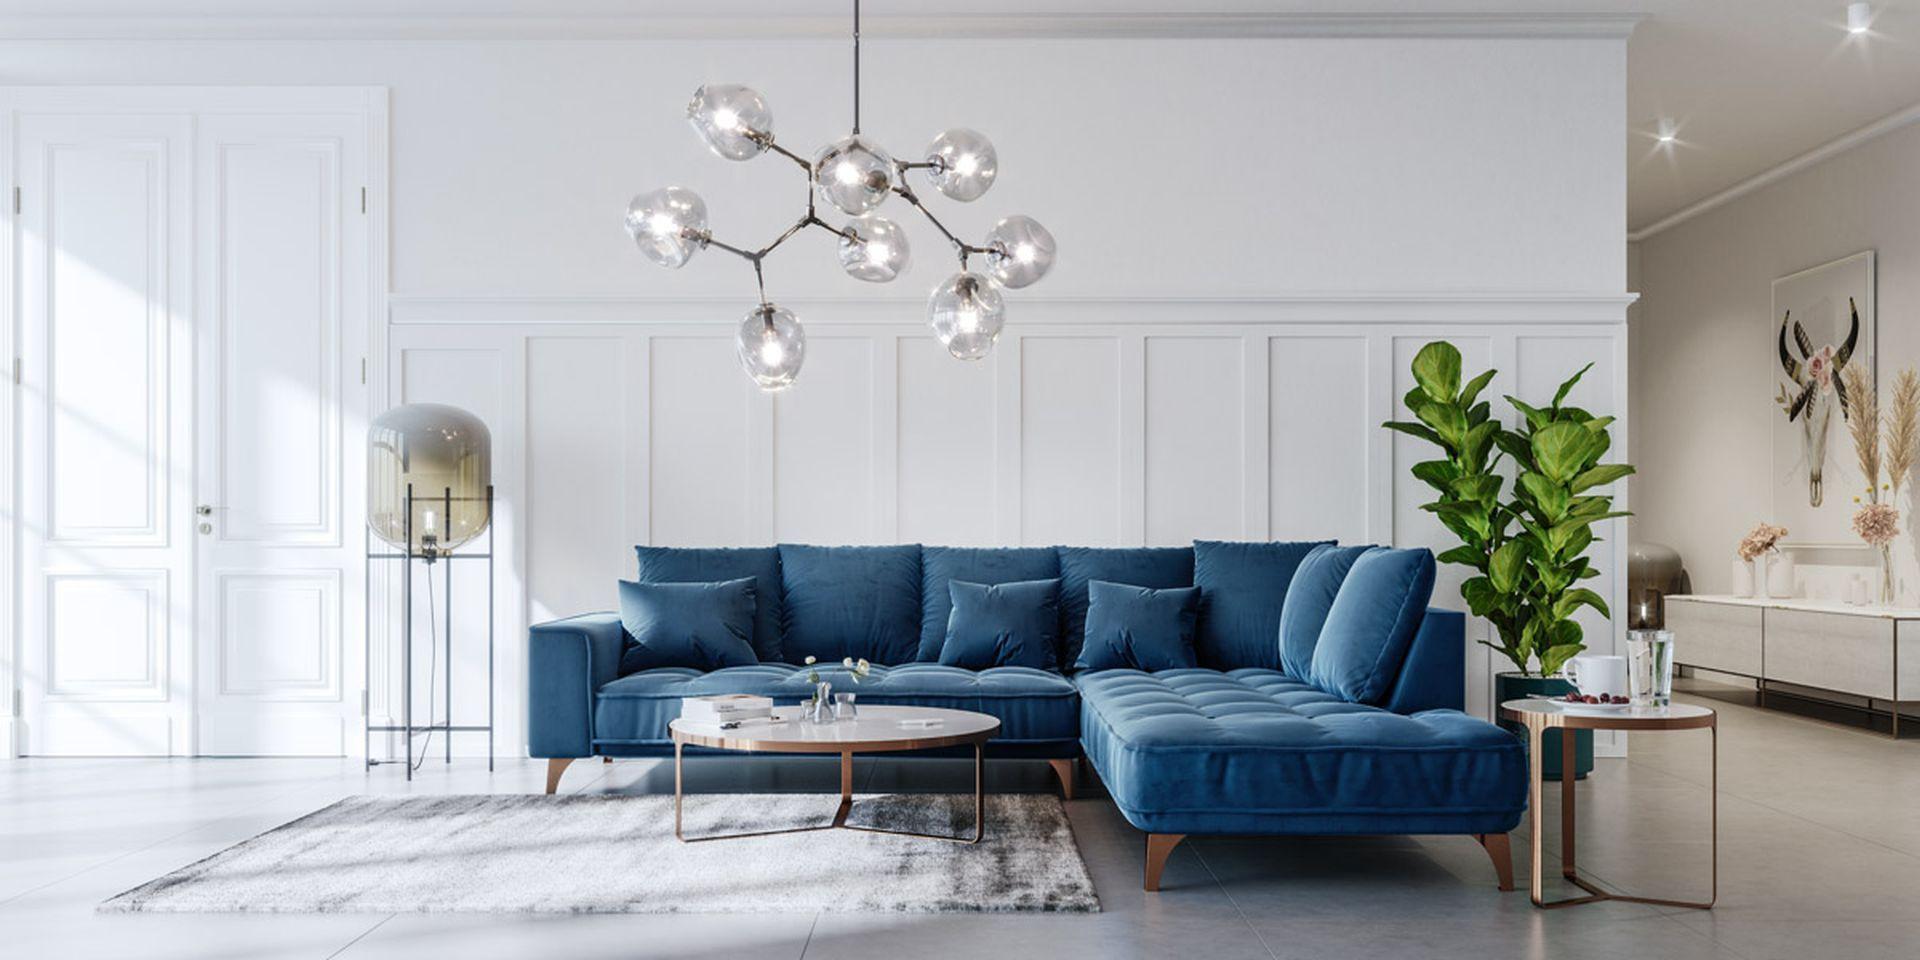 Sofa Belavio - wyjątkowy charakter tworzą bardzo wygodne, miękkie, pikowane siedziska, specjalne marszczenia, zewnętrzne przeszycia i wysokie, metalowe nóżki. Producent: Befame